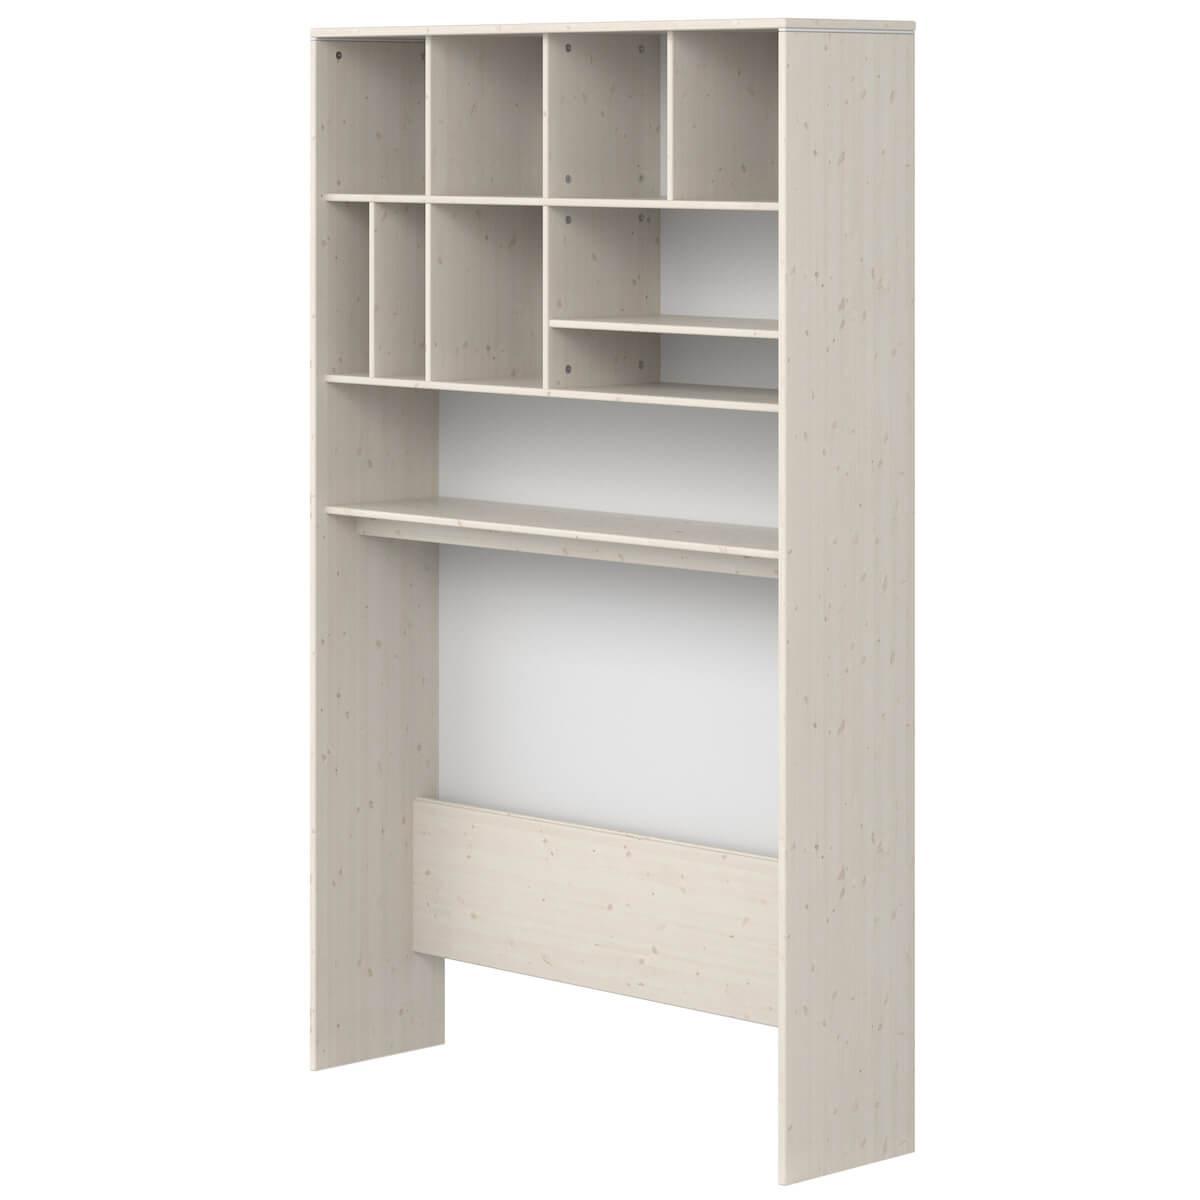 Estantería escritorio-cama 126x203cm CLASSIC de Flexa blanco cal-blanco